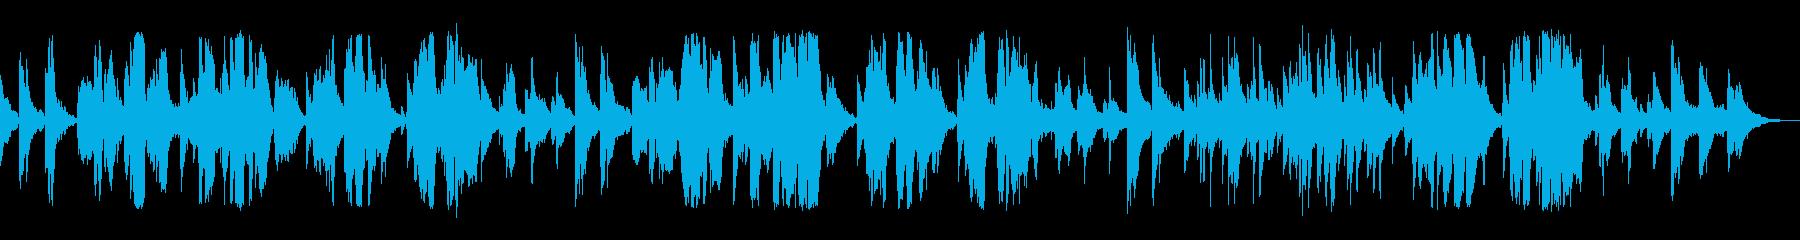 グラム・パーソンズのために書かれた歌の再生済みの波形